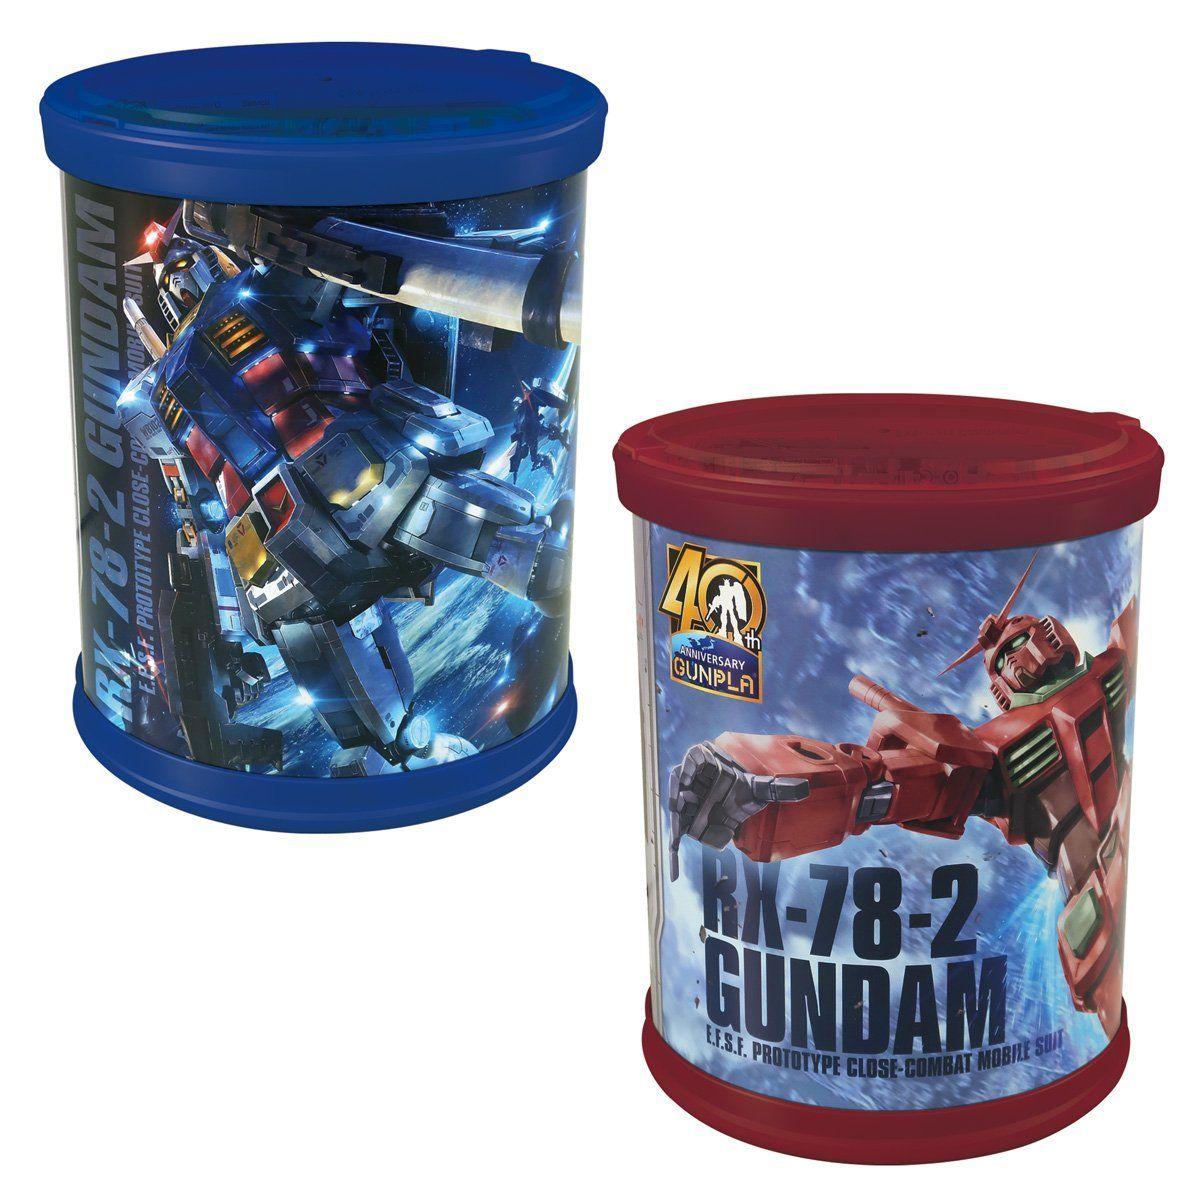 【限定販売】【食玩】EGガンダム『ガンプラ入りラウンドBOX』ENTRY GRADE 1/144 RX-78-2 ガンダム プラモデル-001